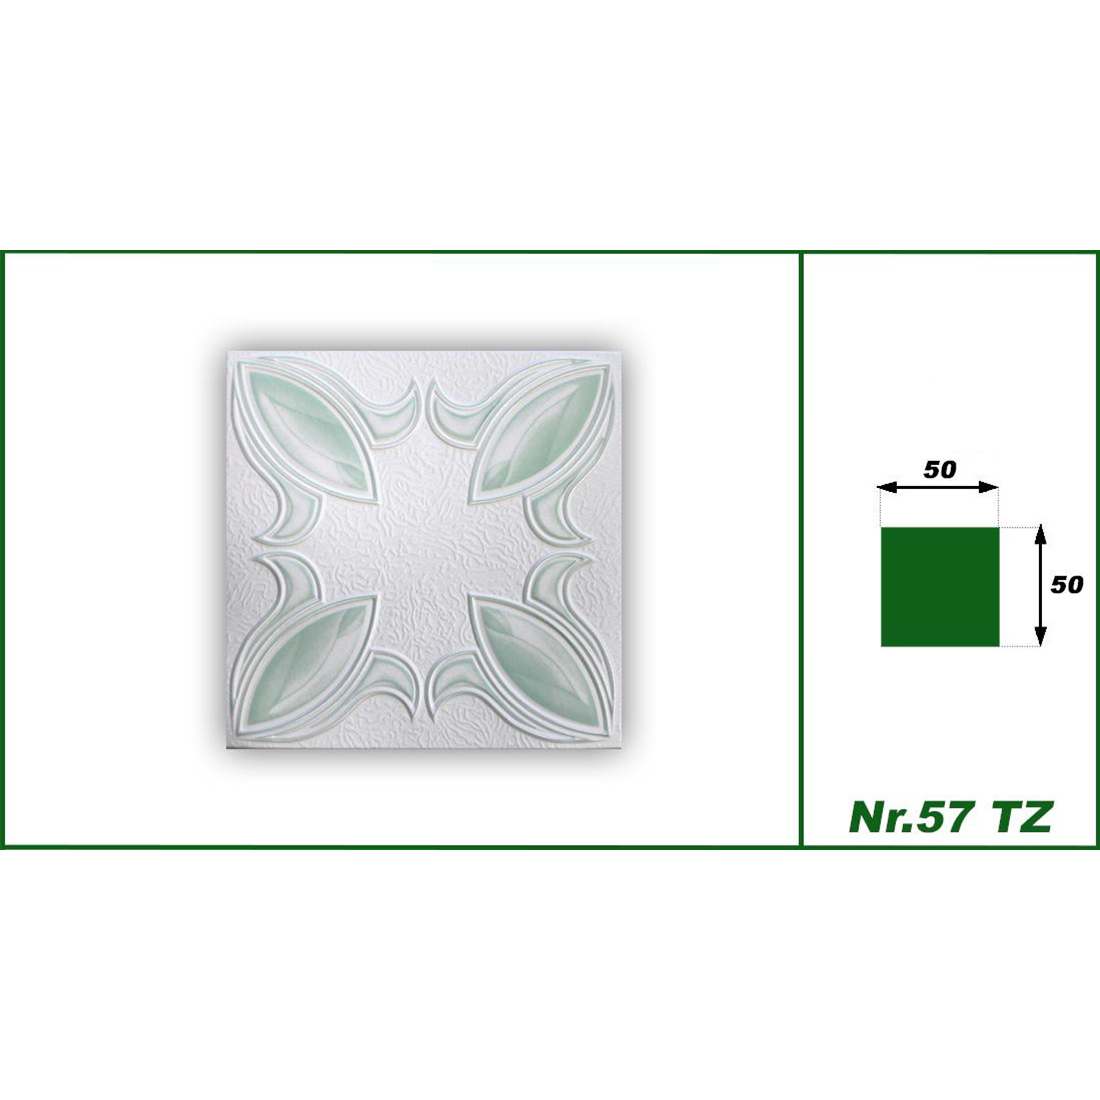 1 qm | Deckenplatten | XPS | formfest | Hexim | 50x50cm | Nr.57